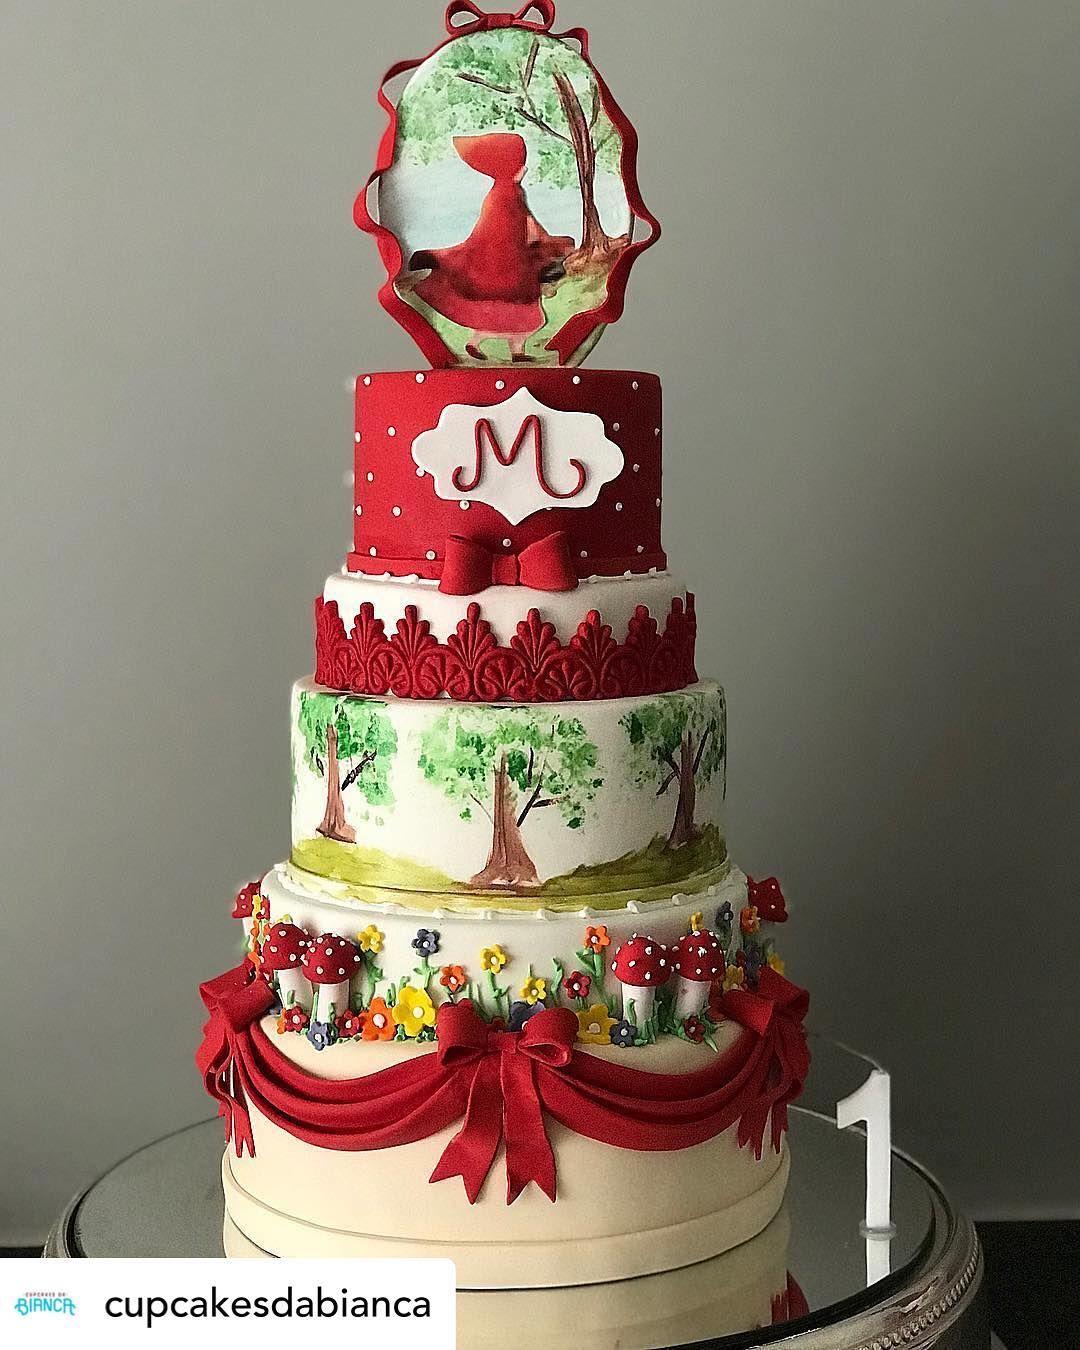 Cake Cakedecorating Cakevideo Caketutorial كيك كاب كيك كوكي كوكيز عيدميلاد عيدزواج عيد الأم تزیین کیک تزيين كوكيز مولود Cake Desserts Party